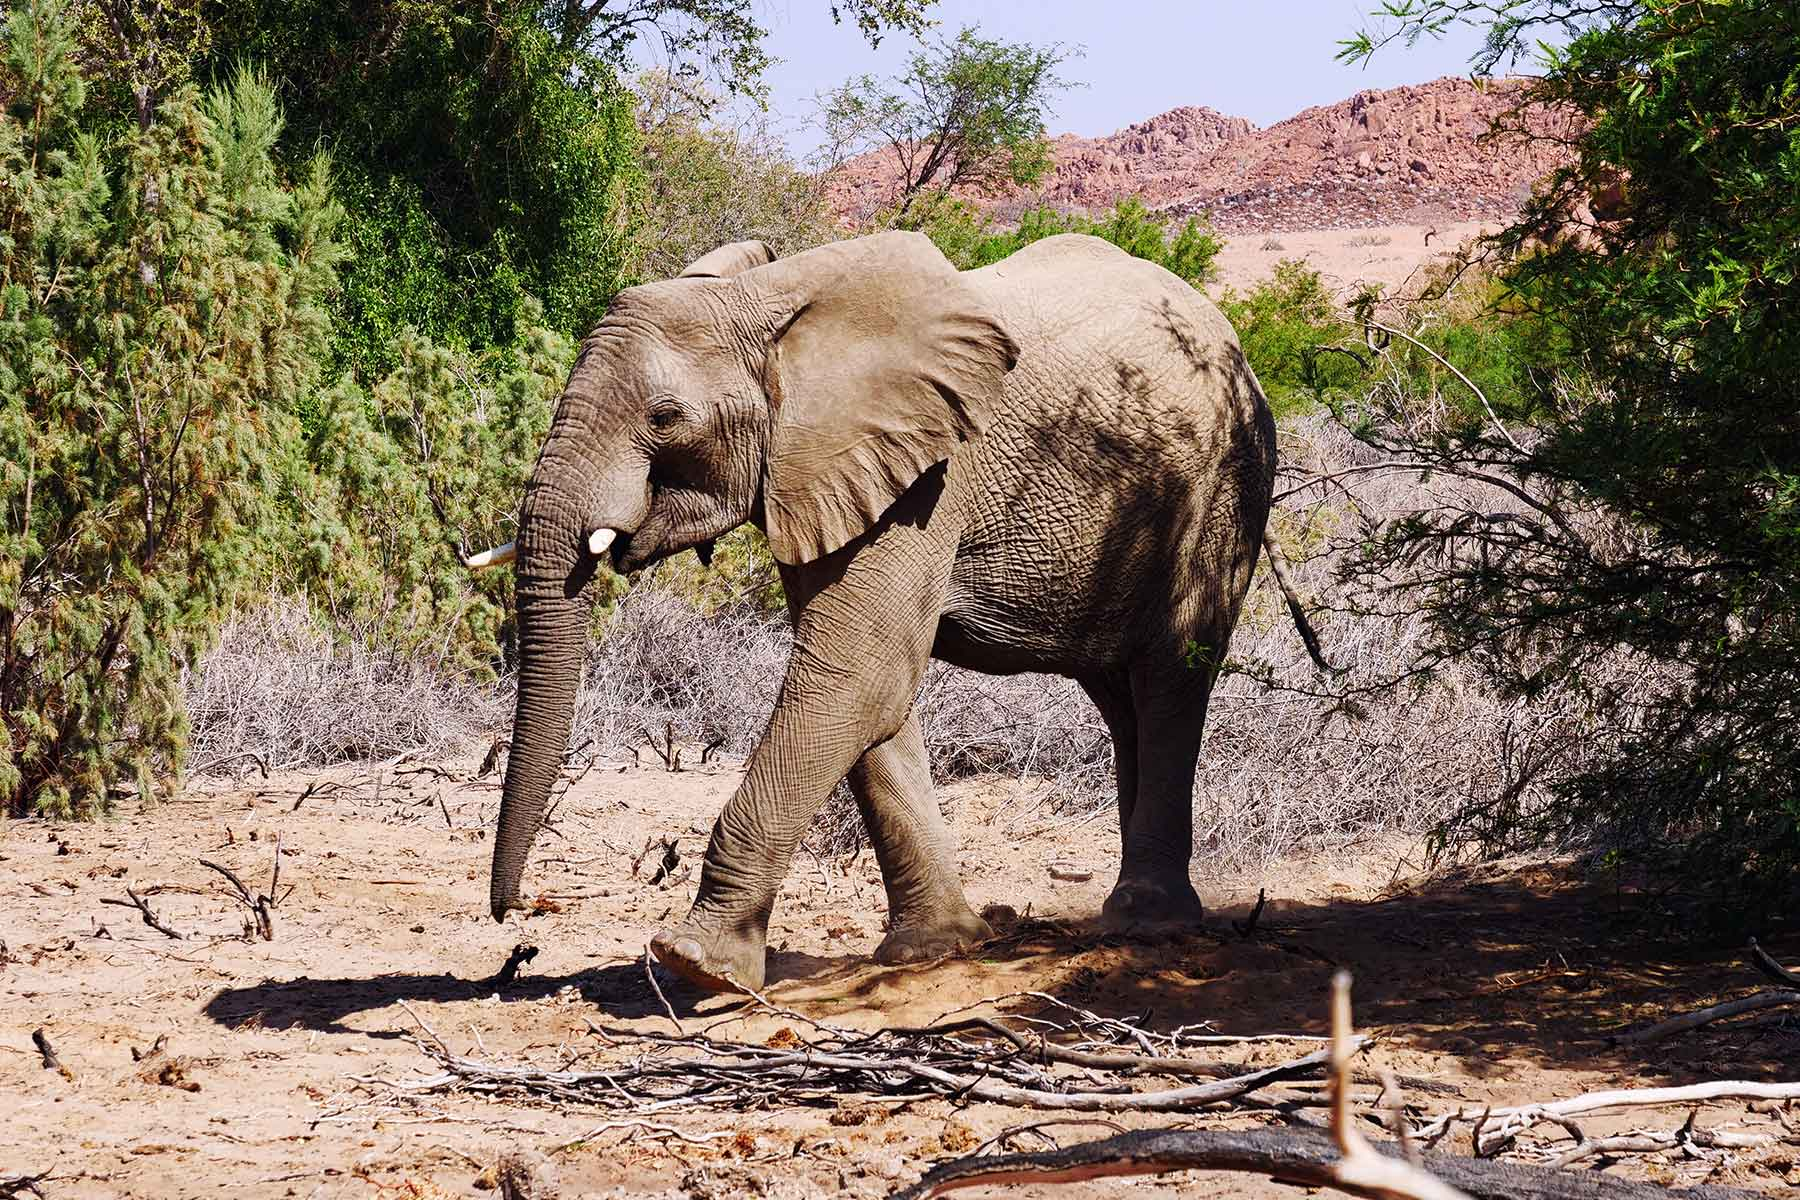 wie schnell laufen elefanten